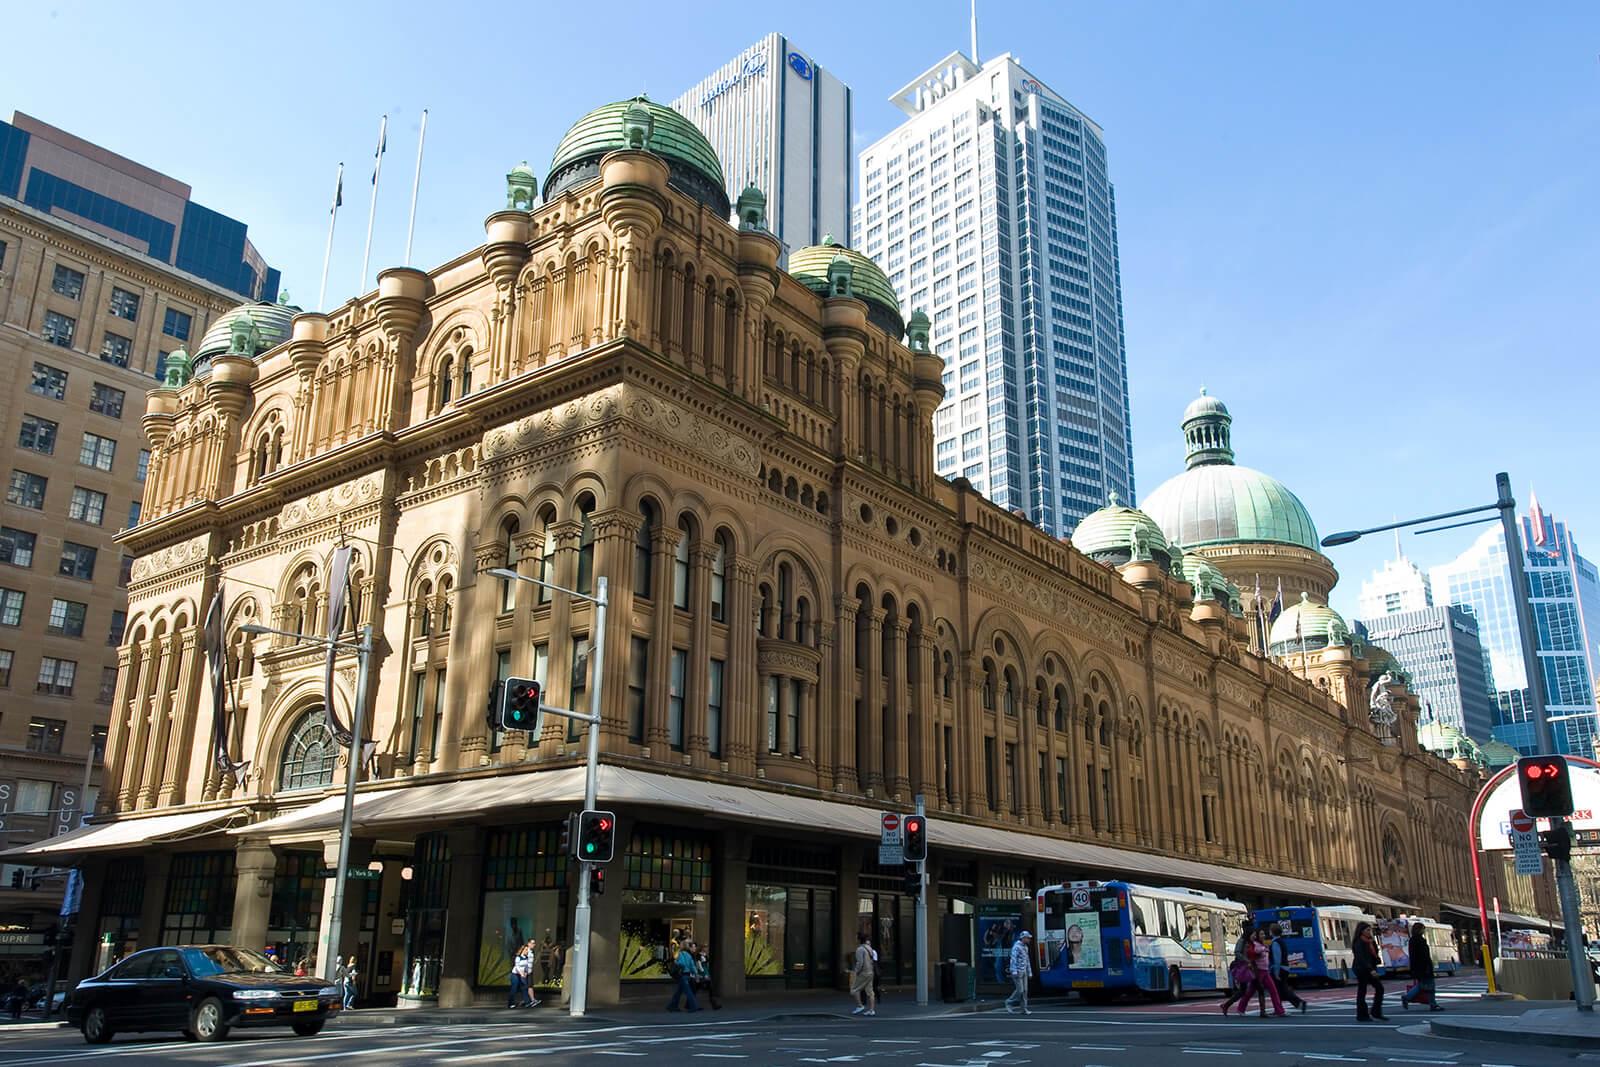 Queen Victoria Bulding in Sydney, Australia